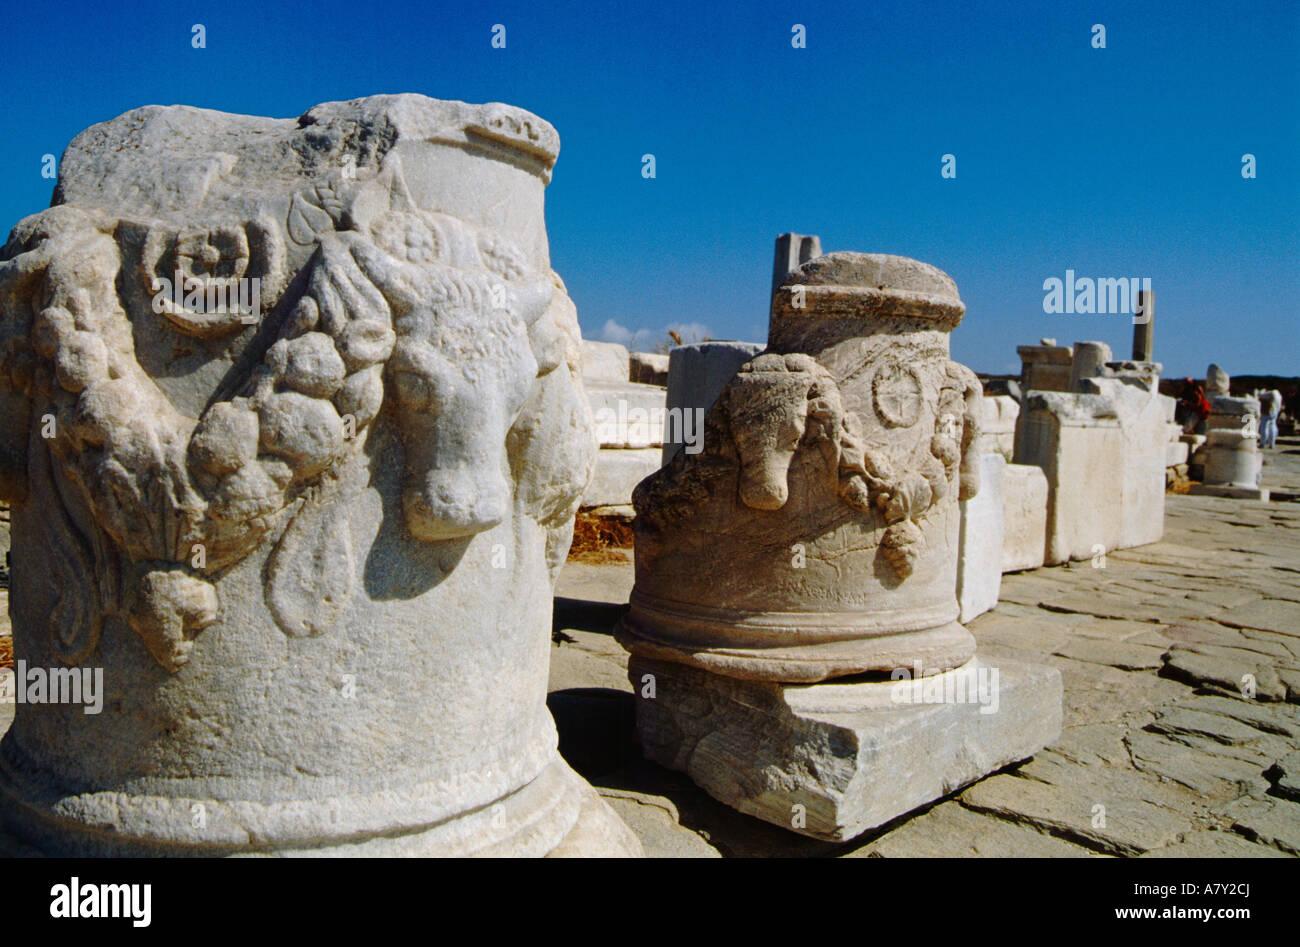 Greece, Aegean Sea, Delos. Ancient Greco-Roman ruins ...